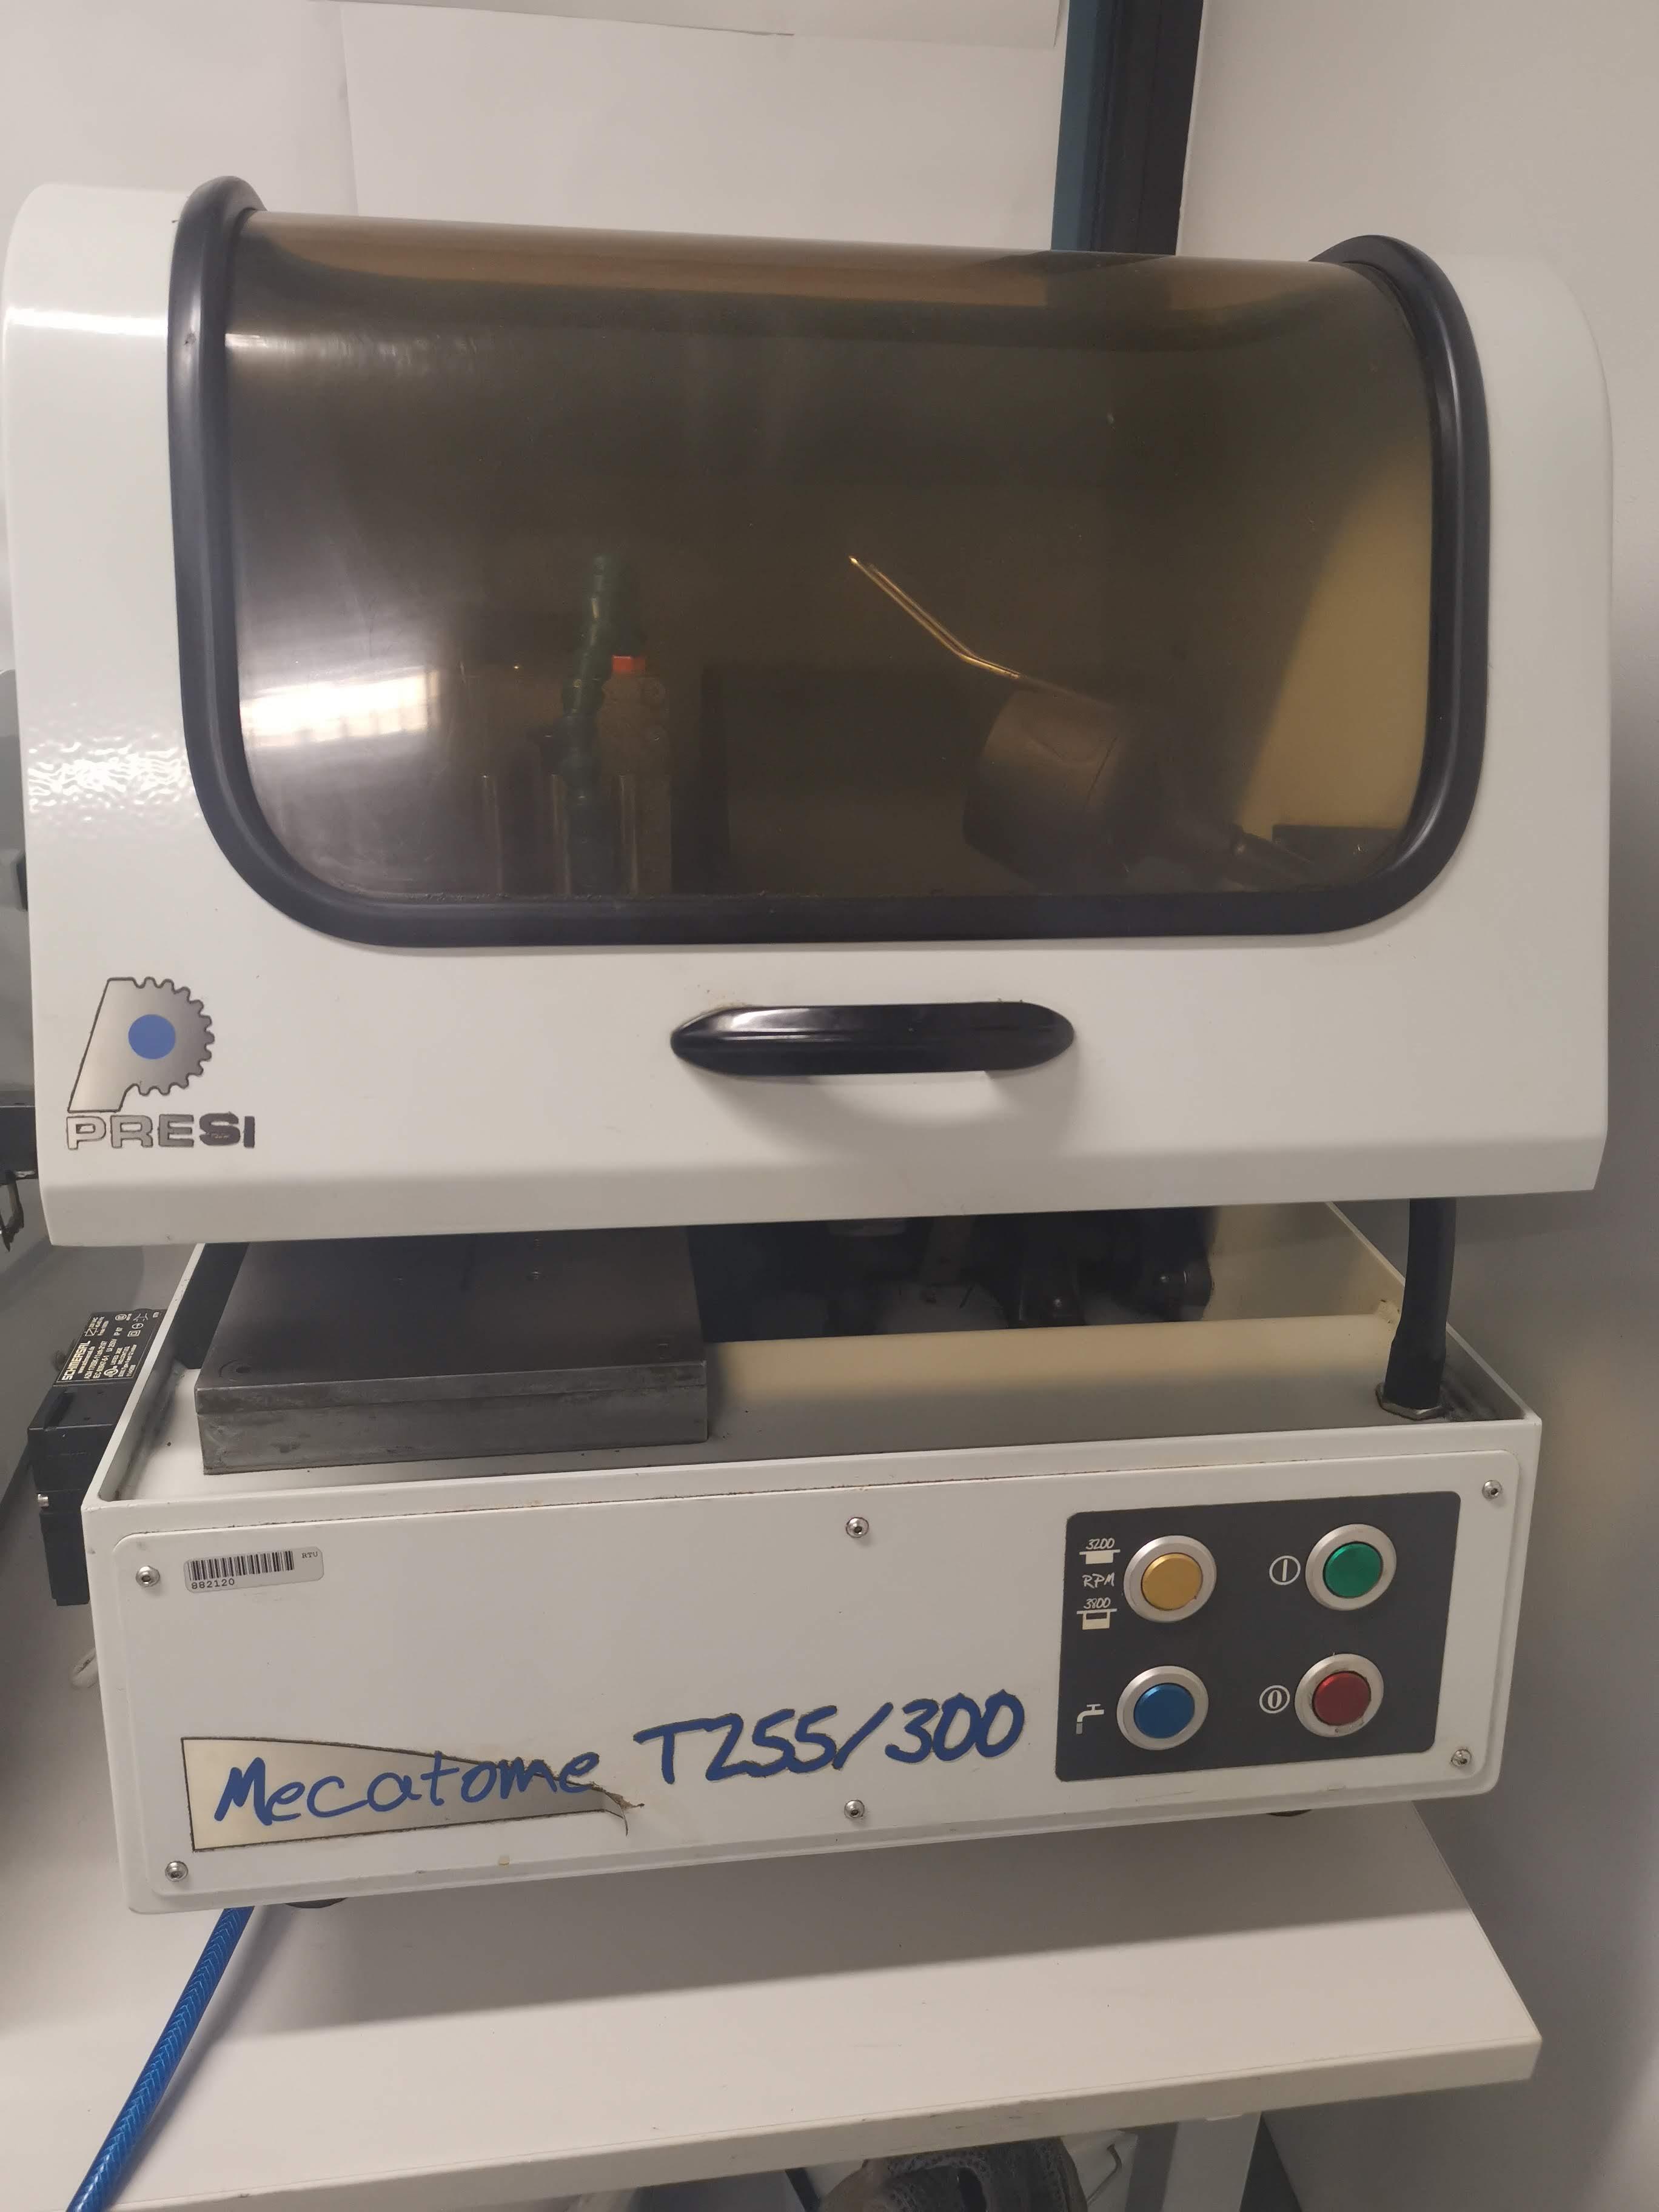 Abrasive Cutting Machine PRESI Mecatome T255/300